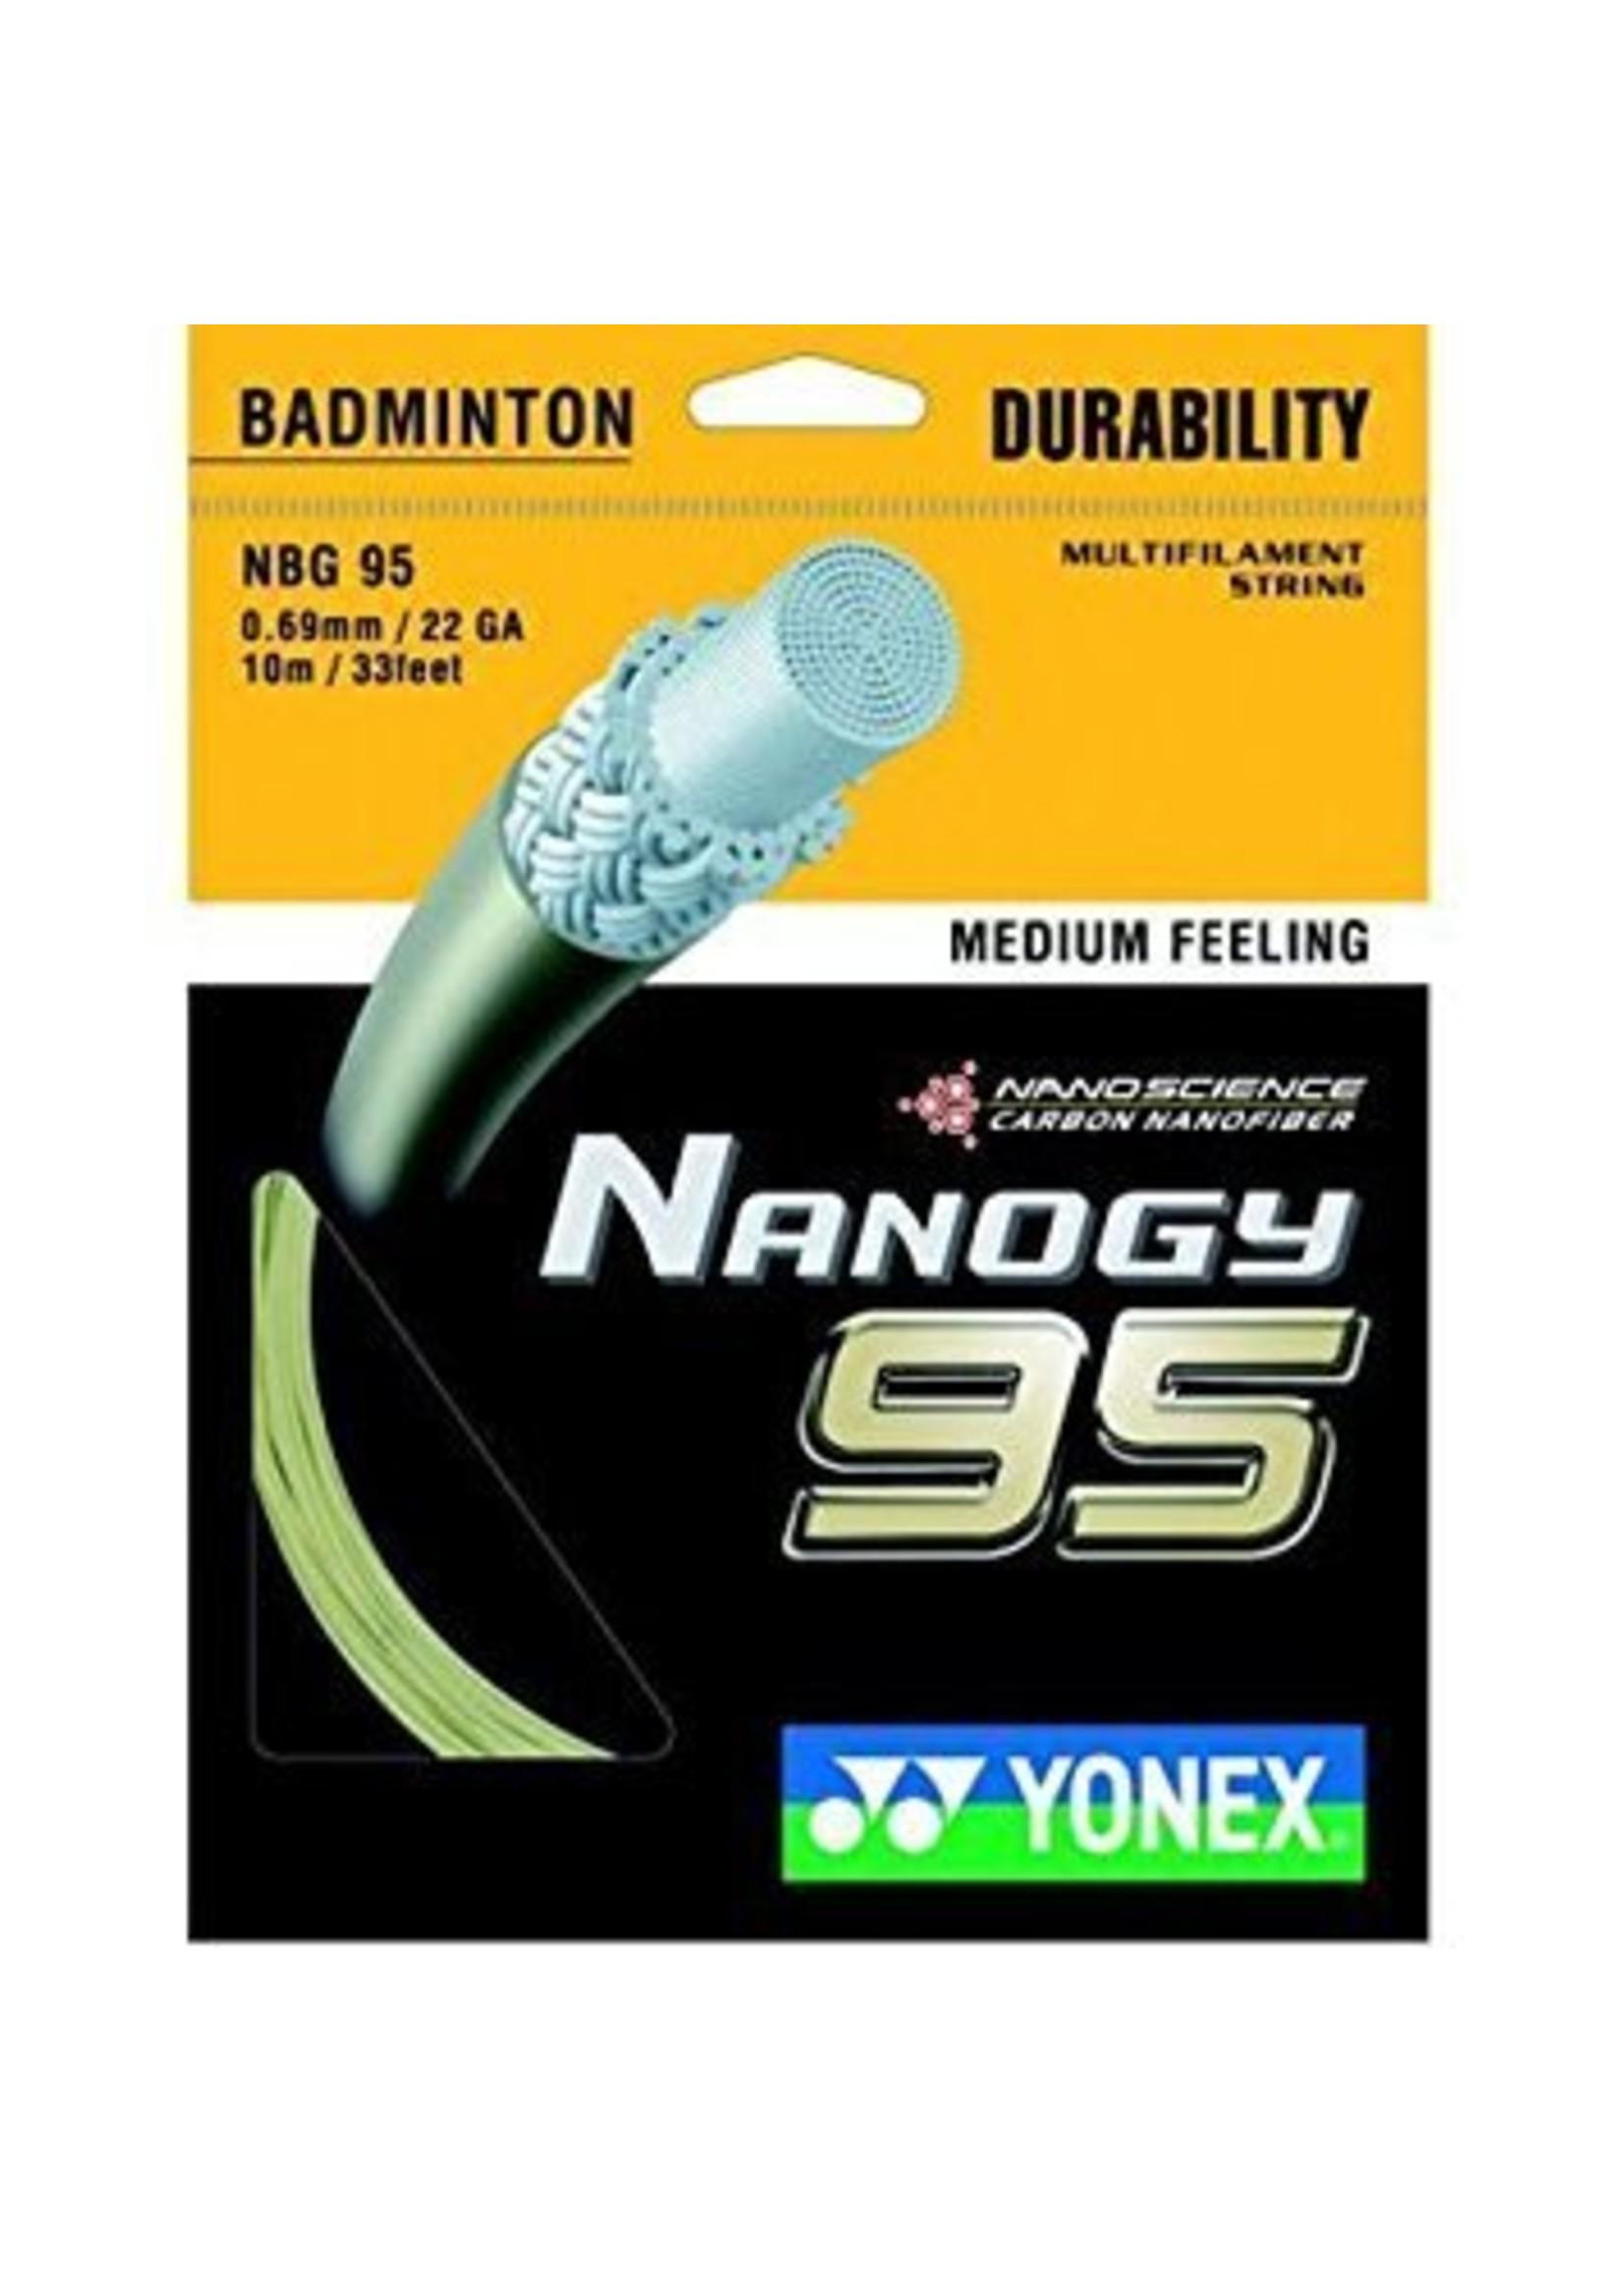 Yonex Yonex Nanogy 95 Badminton String 10m Set